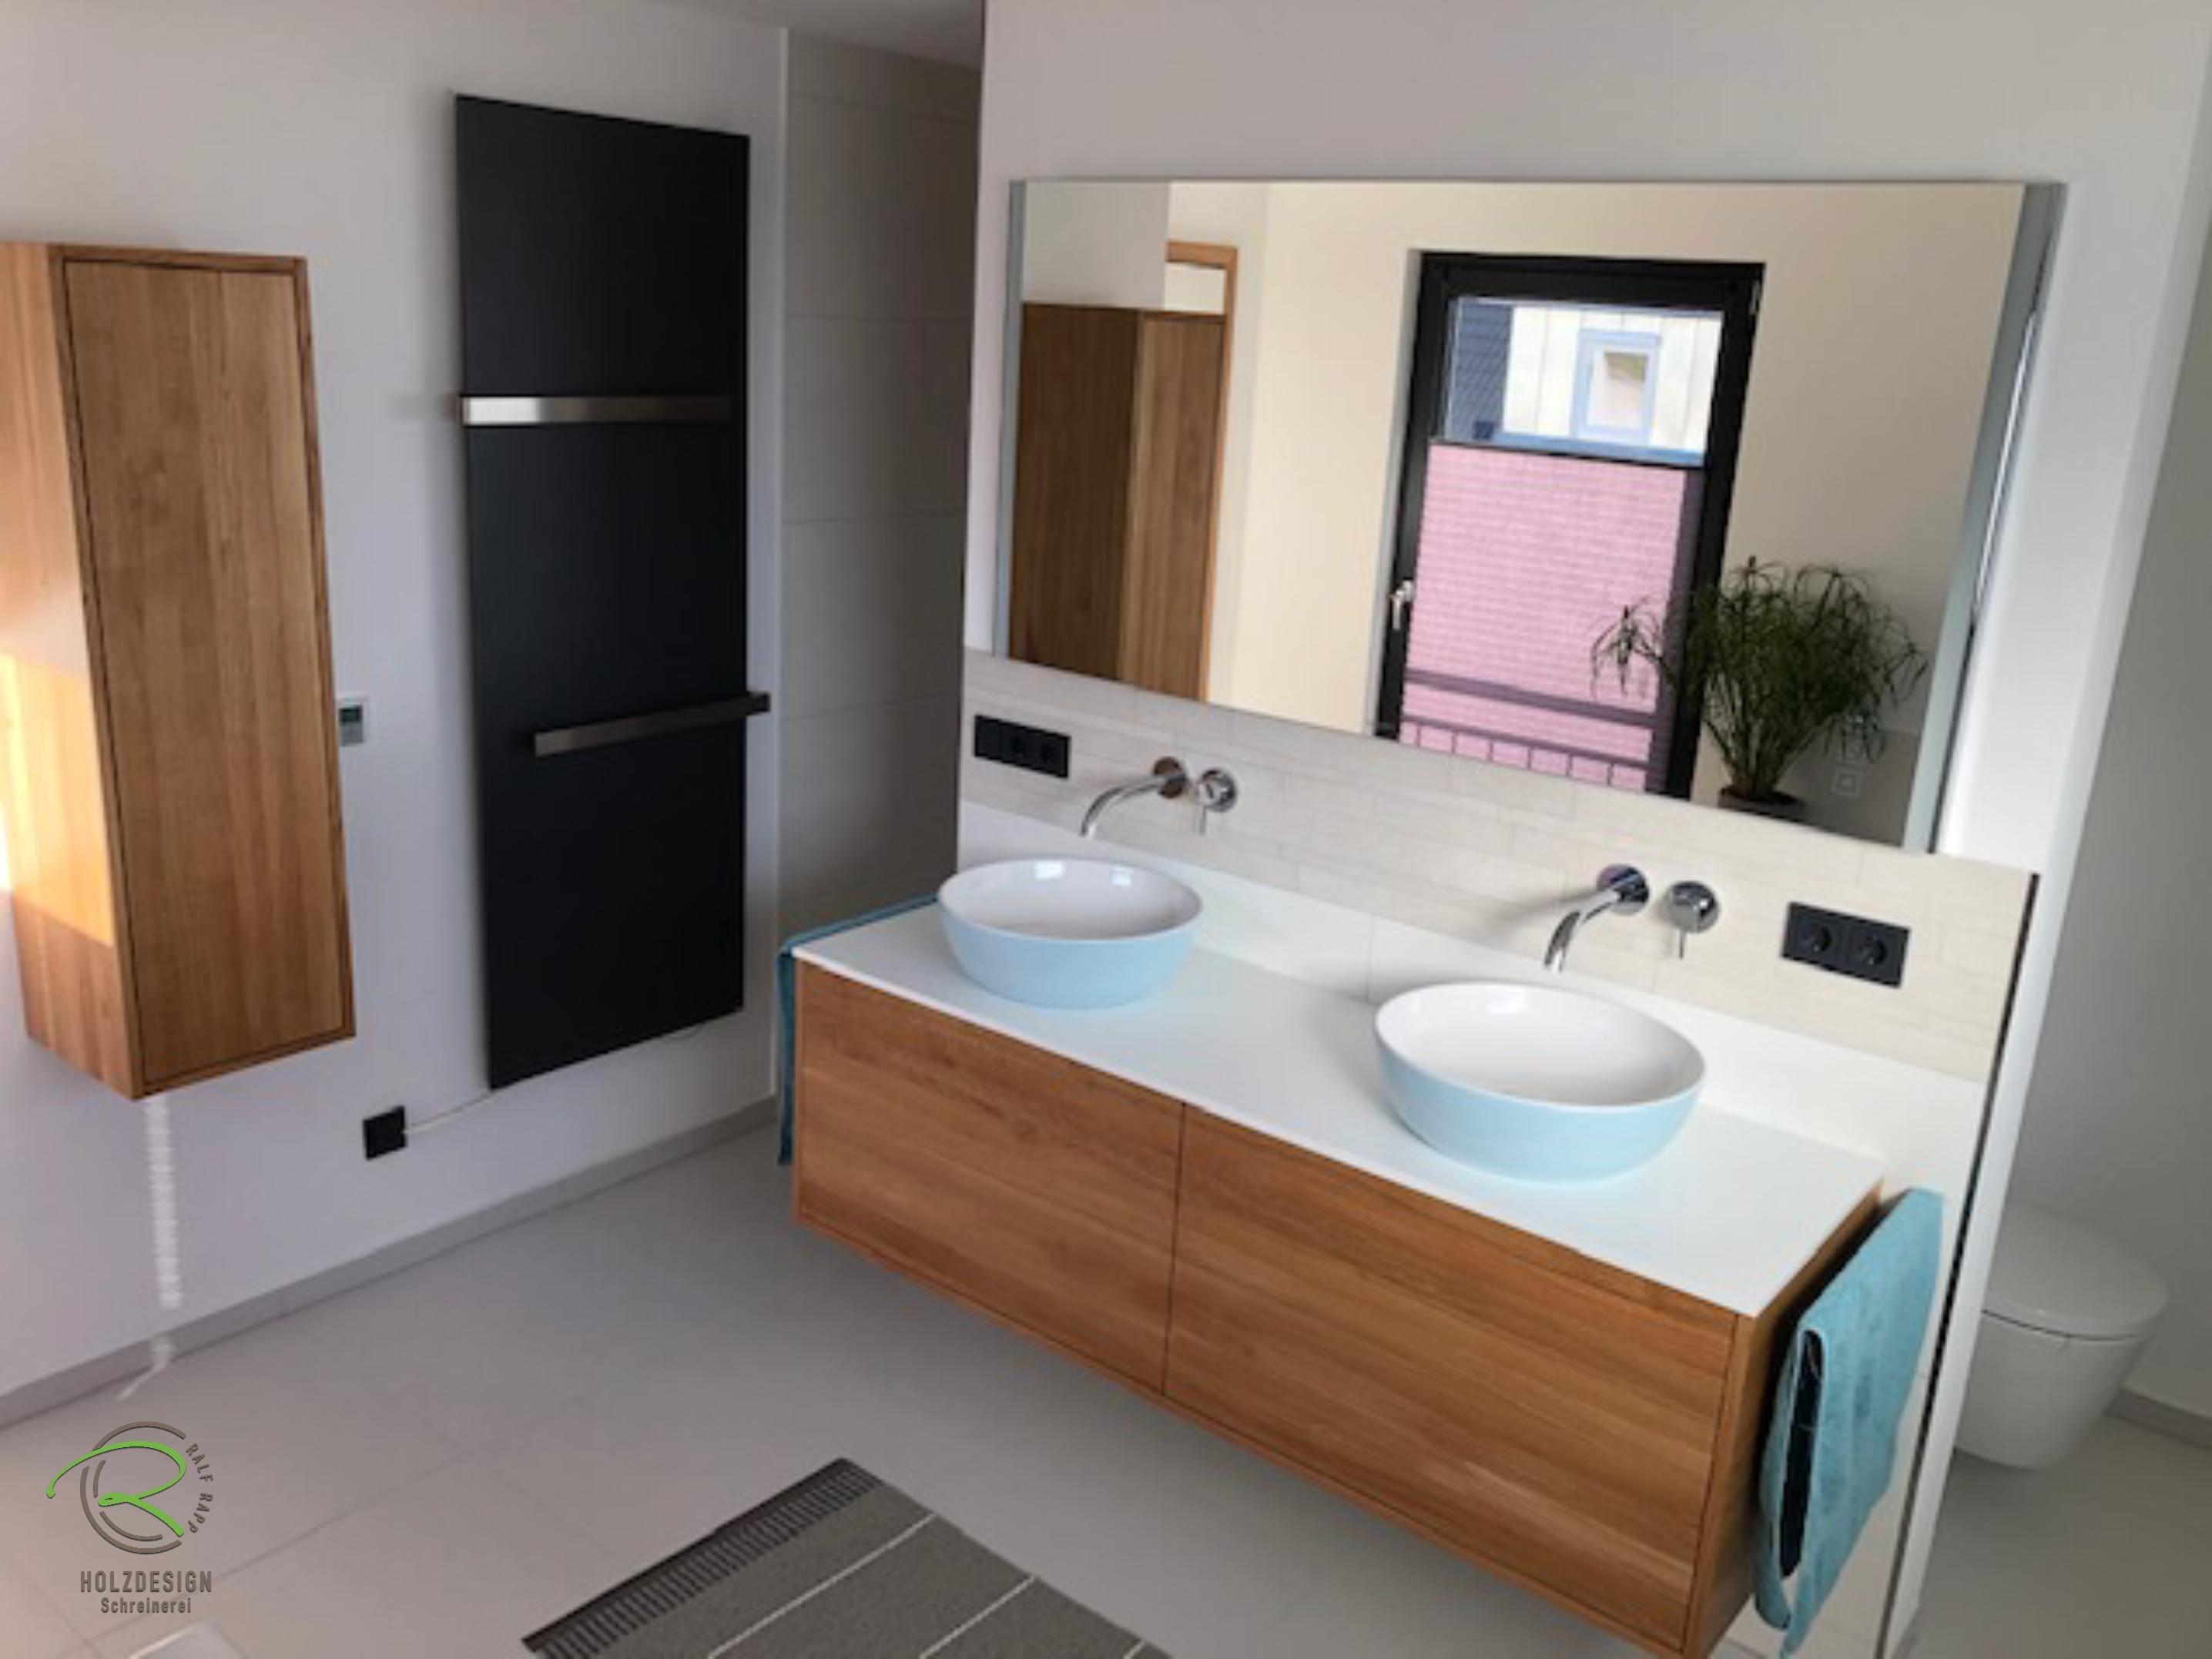 Griffloser Badschrank Waschtischunterschrank Mit Wasserfester